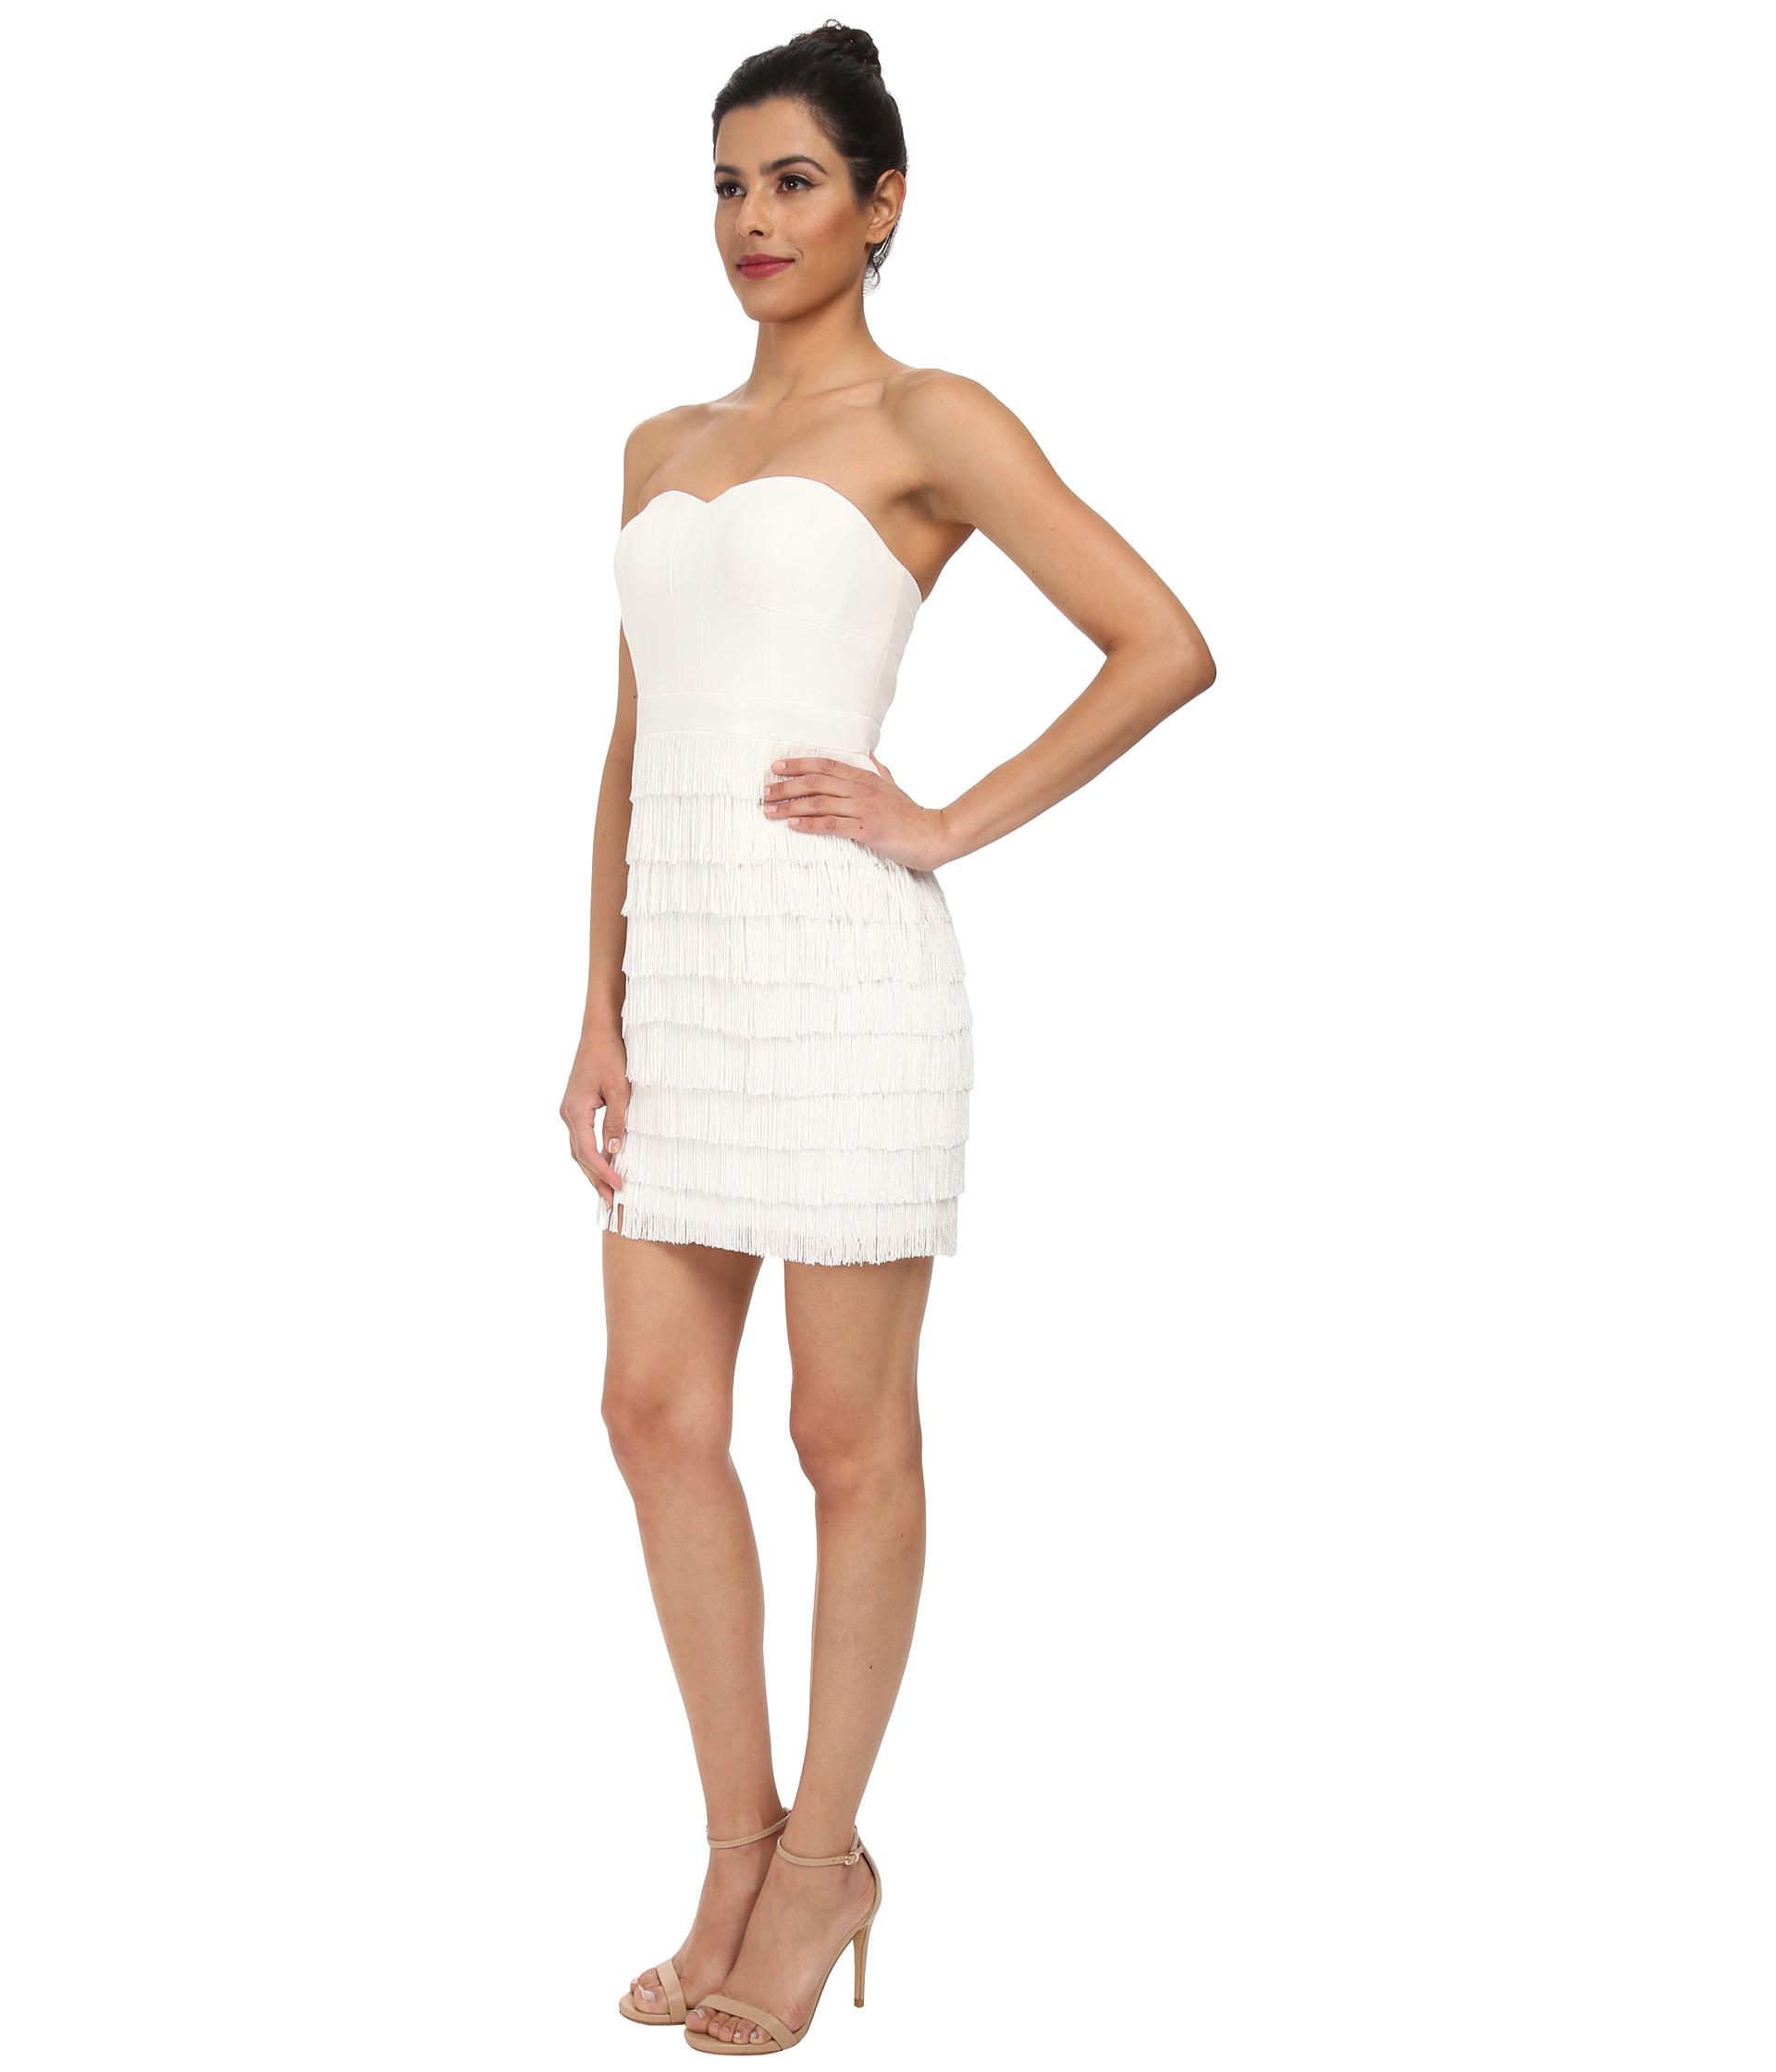 Tolle Strapless White Cocktail Dress Ideen - Brautkleider Ideen ...